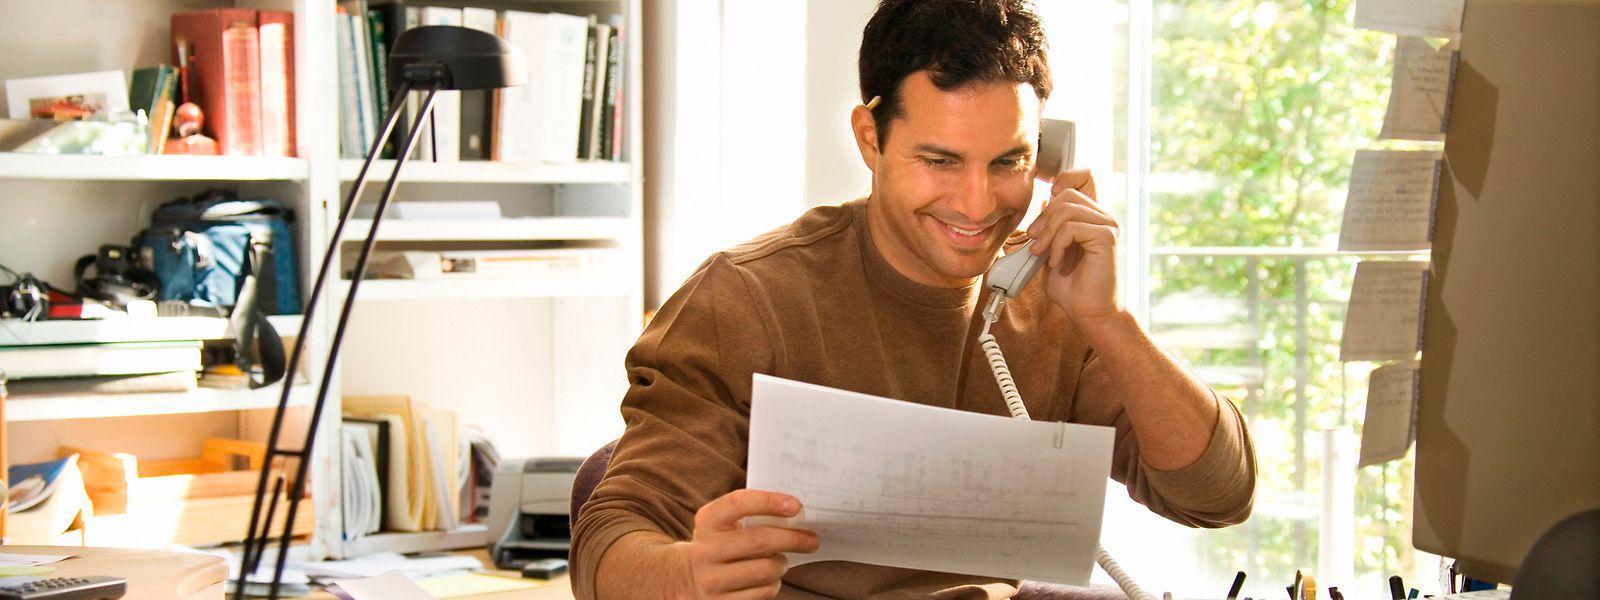 Même si le télétravailleur reste 40 heures chez lui, il voit toujours se déduire ses frais de déplacements habituels.